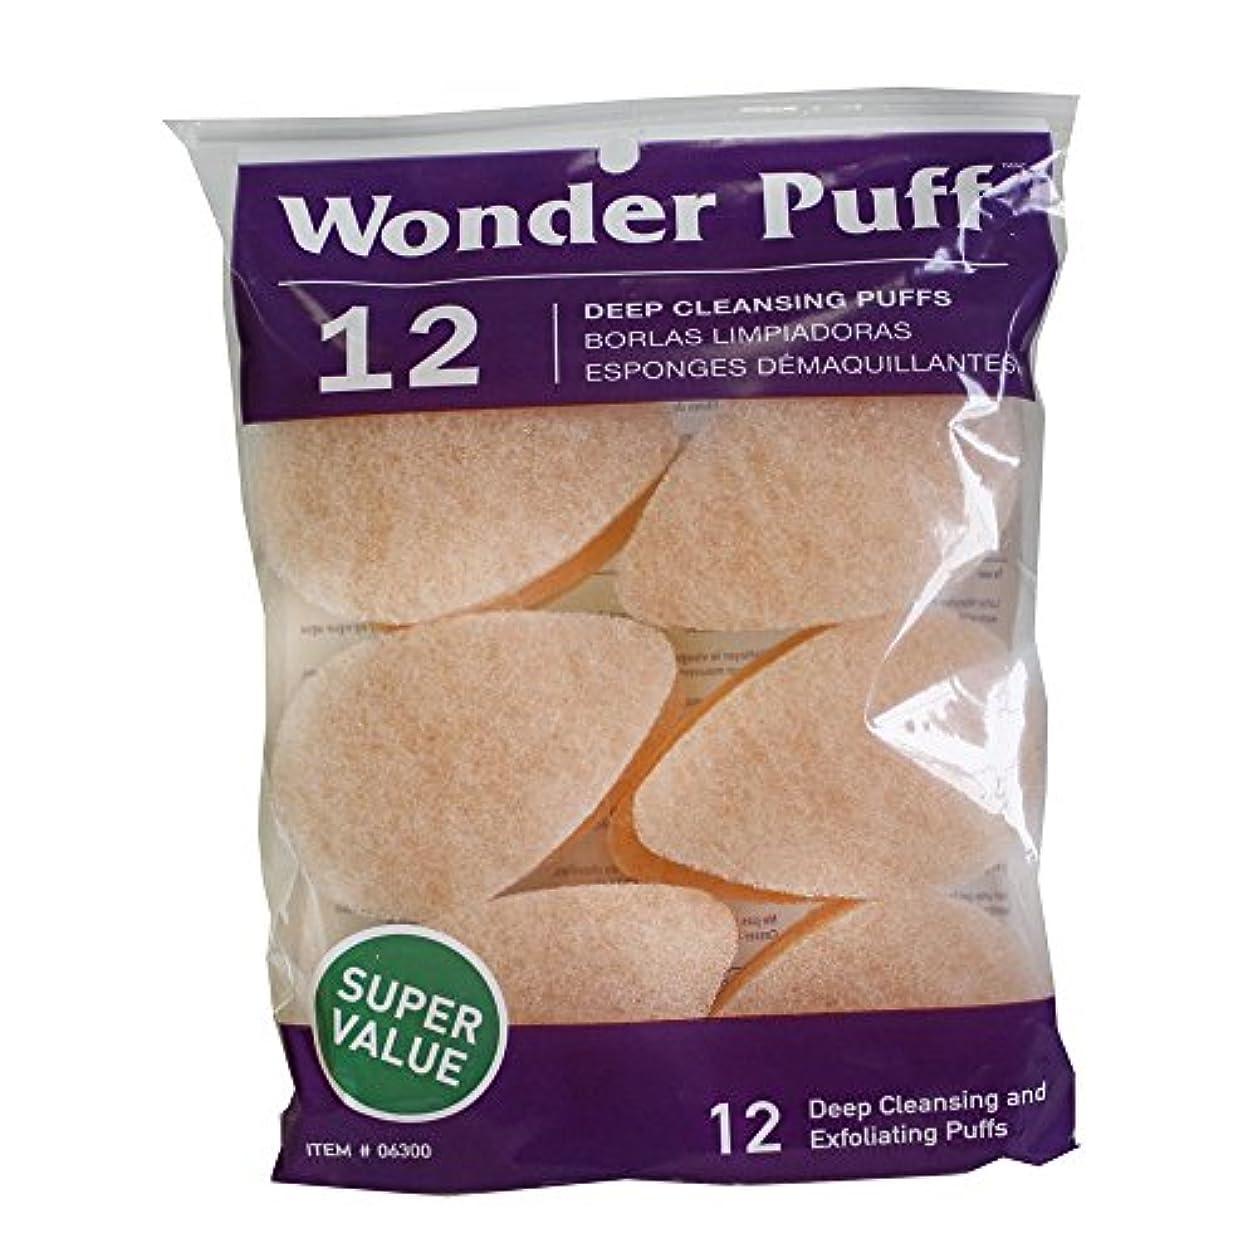 報酬言い換えると絡まるWonder Puff Deep Cleansing Puffs 12's (並行輸入品)